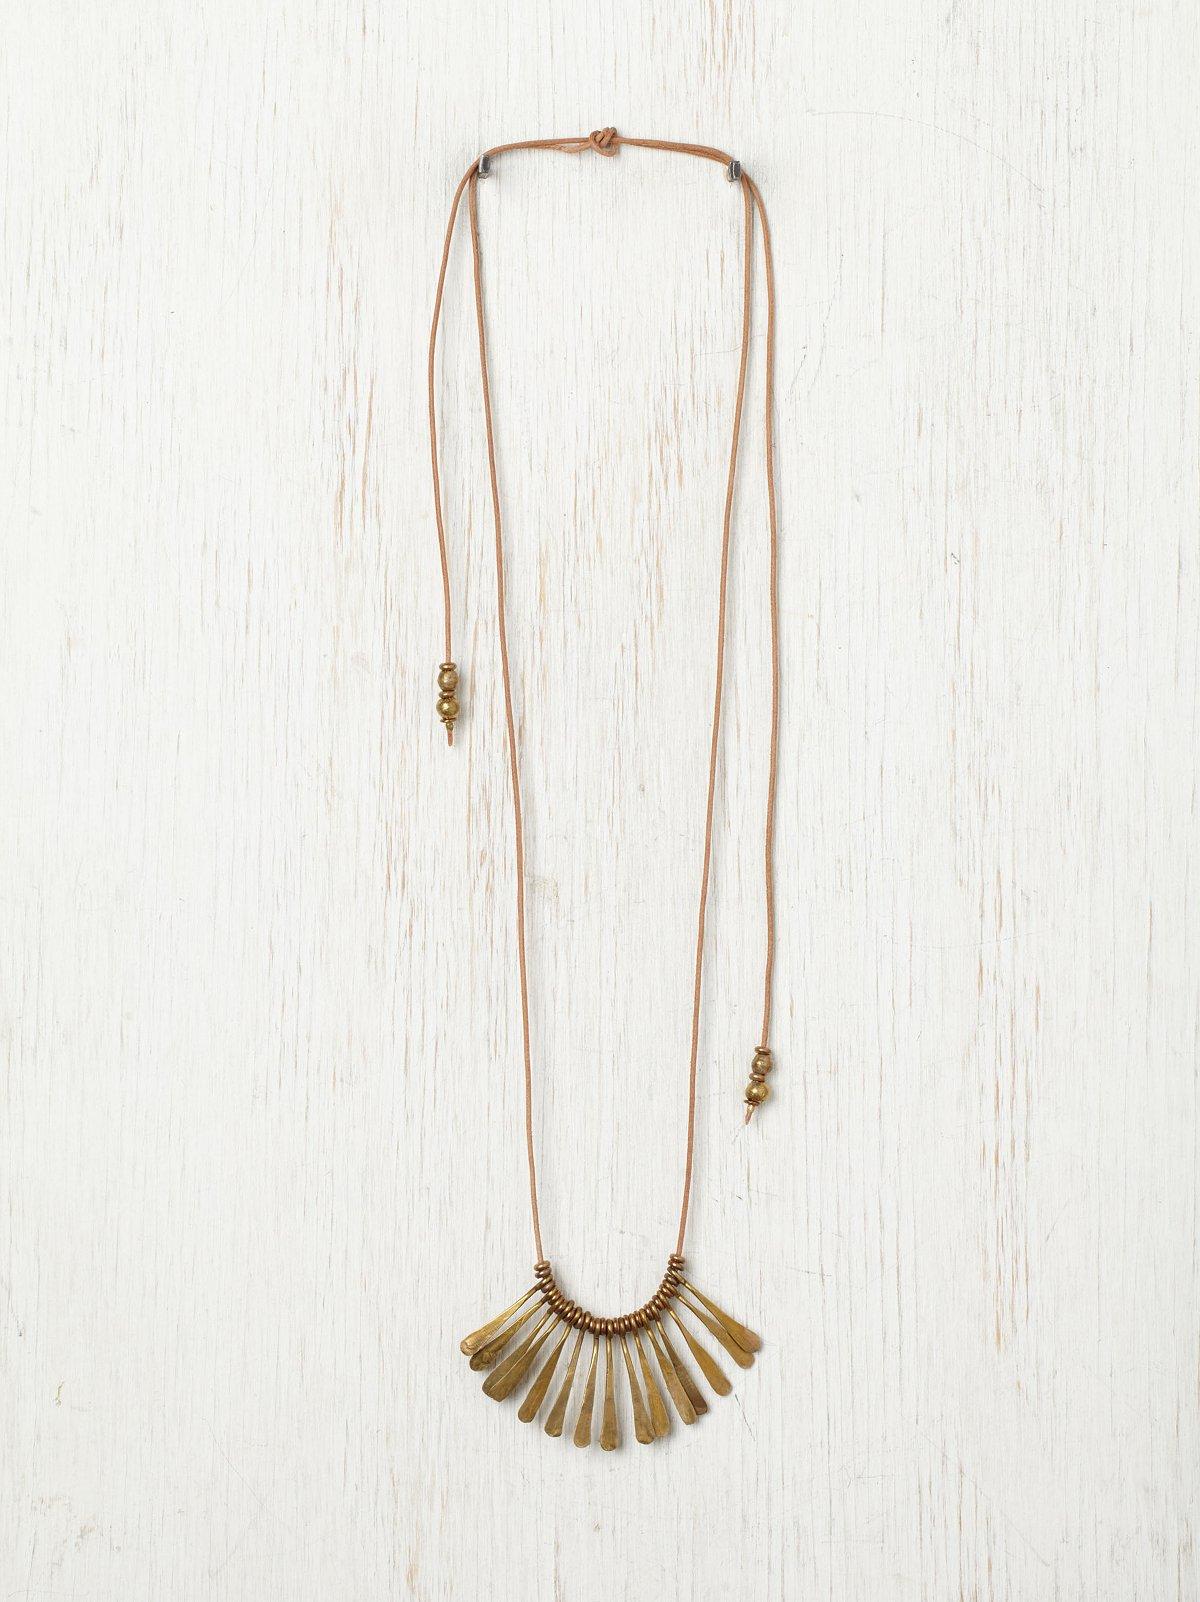 Northridge Necklace